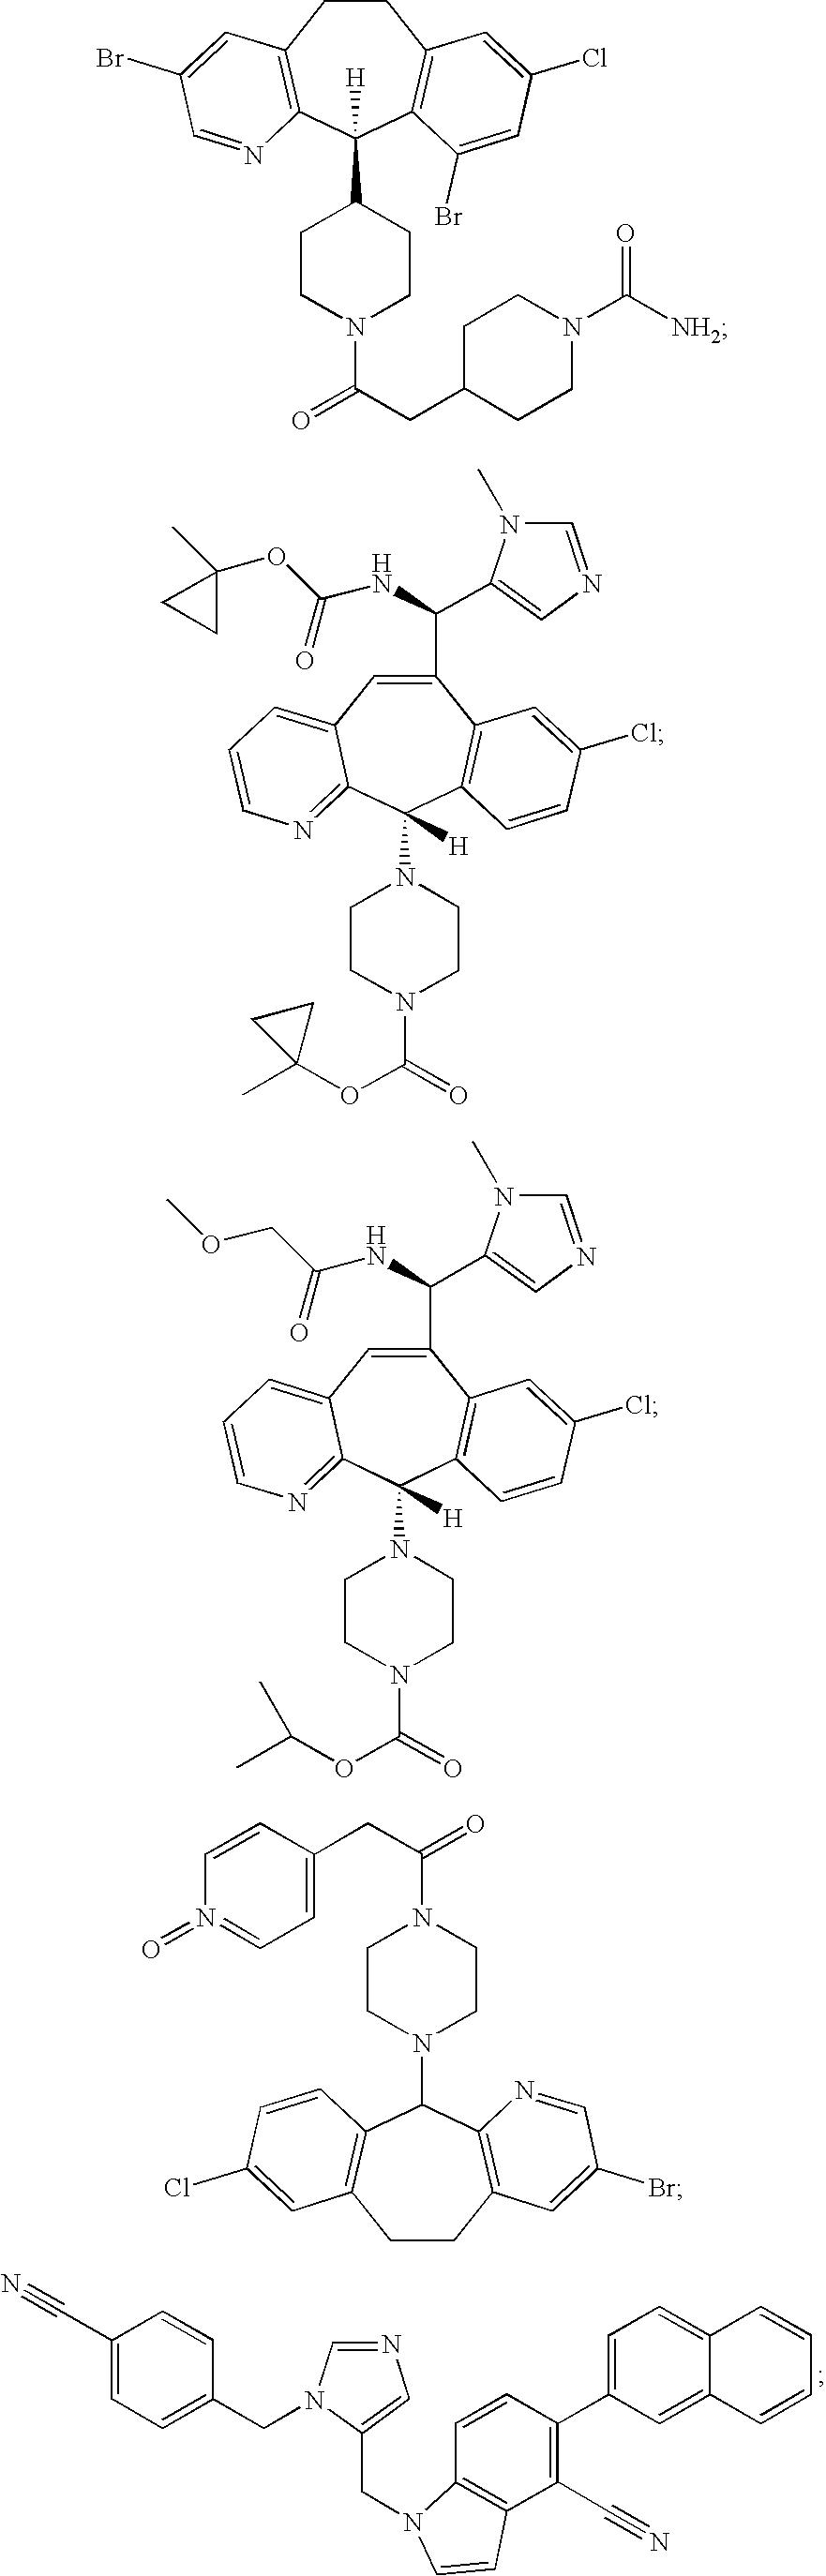 Figure US20080090242A1-20080417-C00138